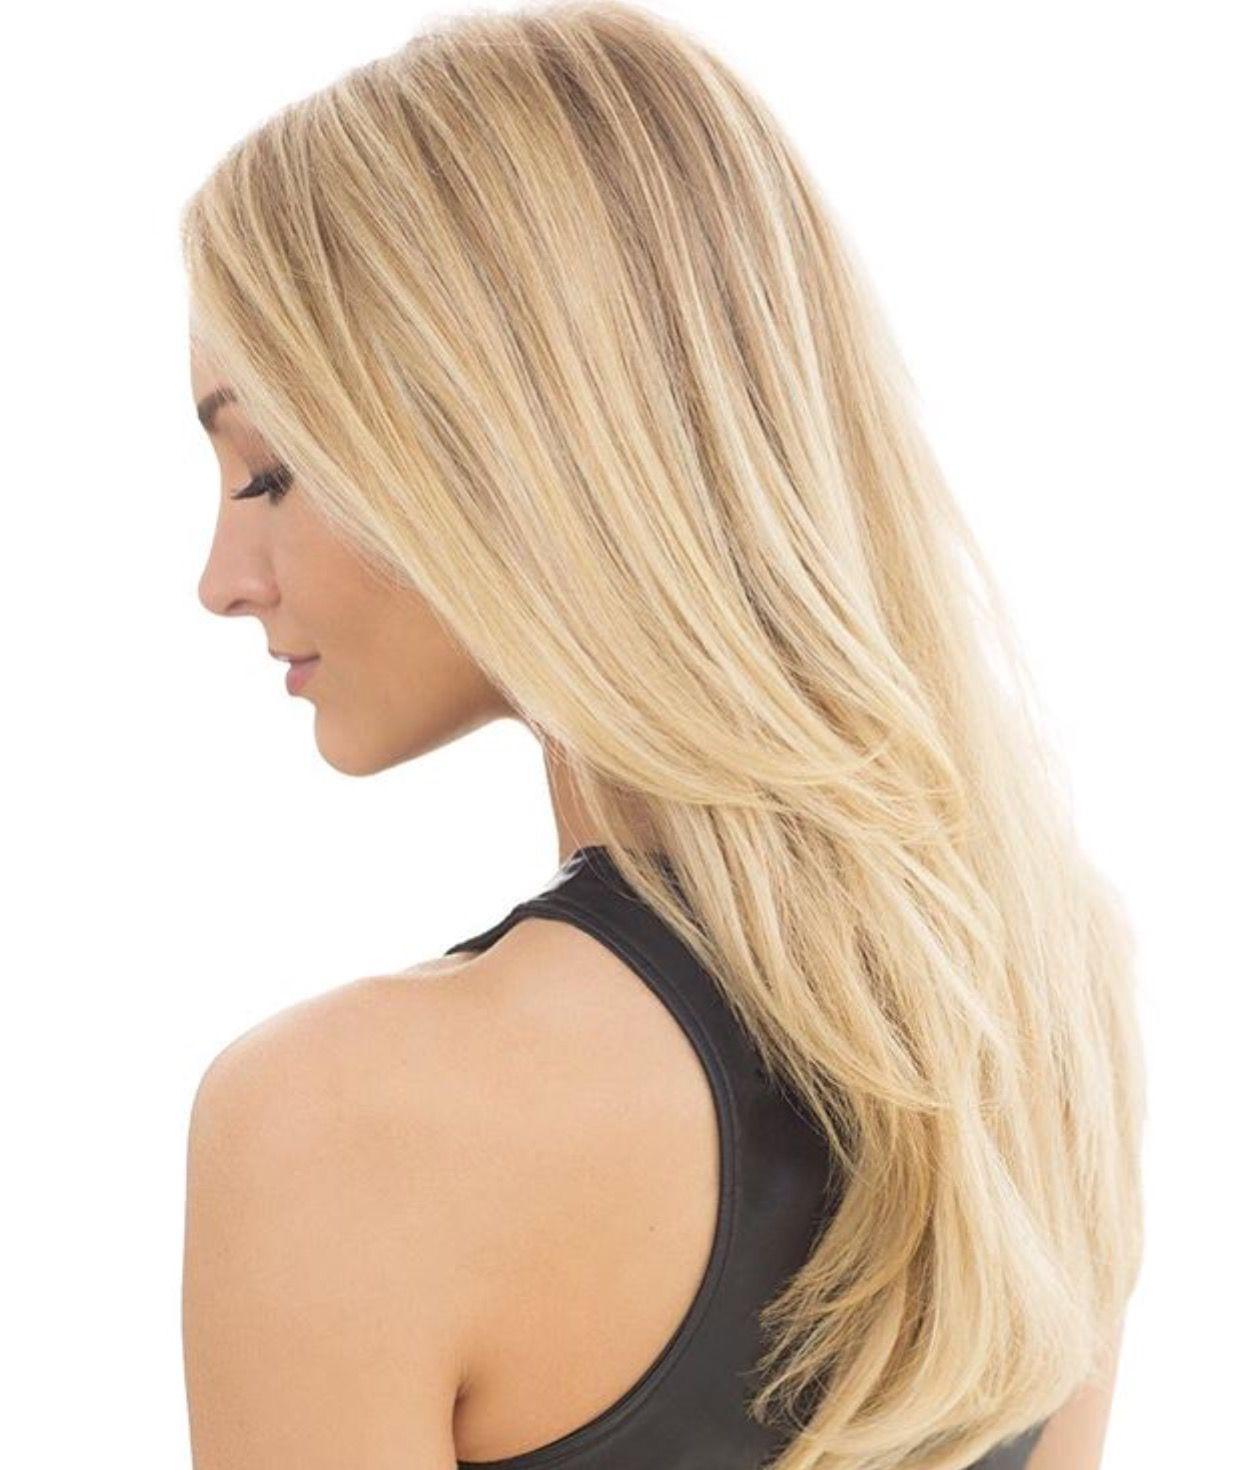 Pin by Elizabeth on Blow drys Long hair styles, Hair